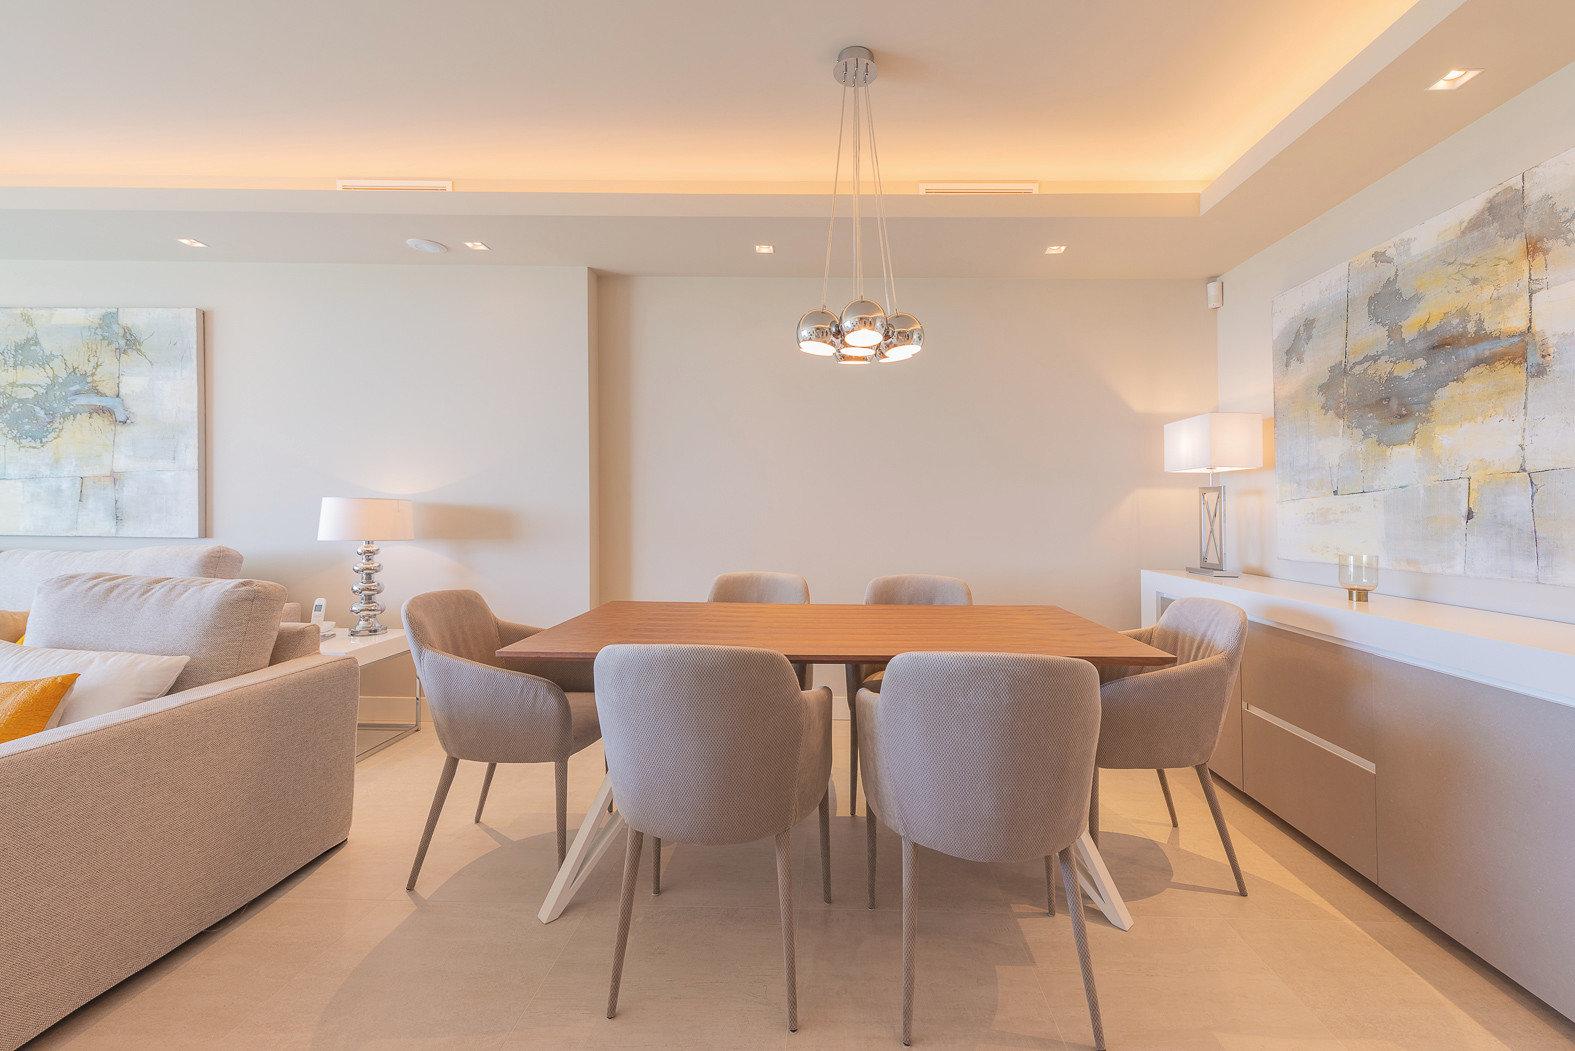 Perfekt abgestimmt findet sich dieser Essbereich und definiert den Raum mit einer großen Gemütlichkeit.